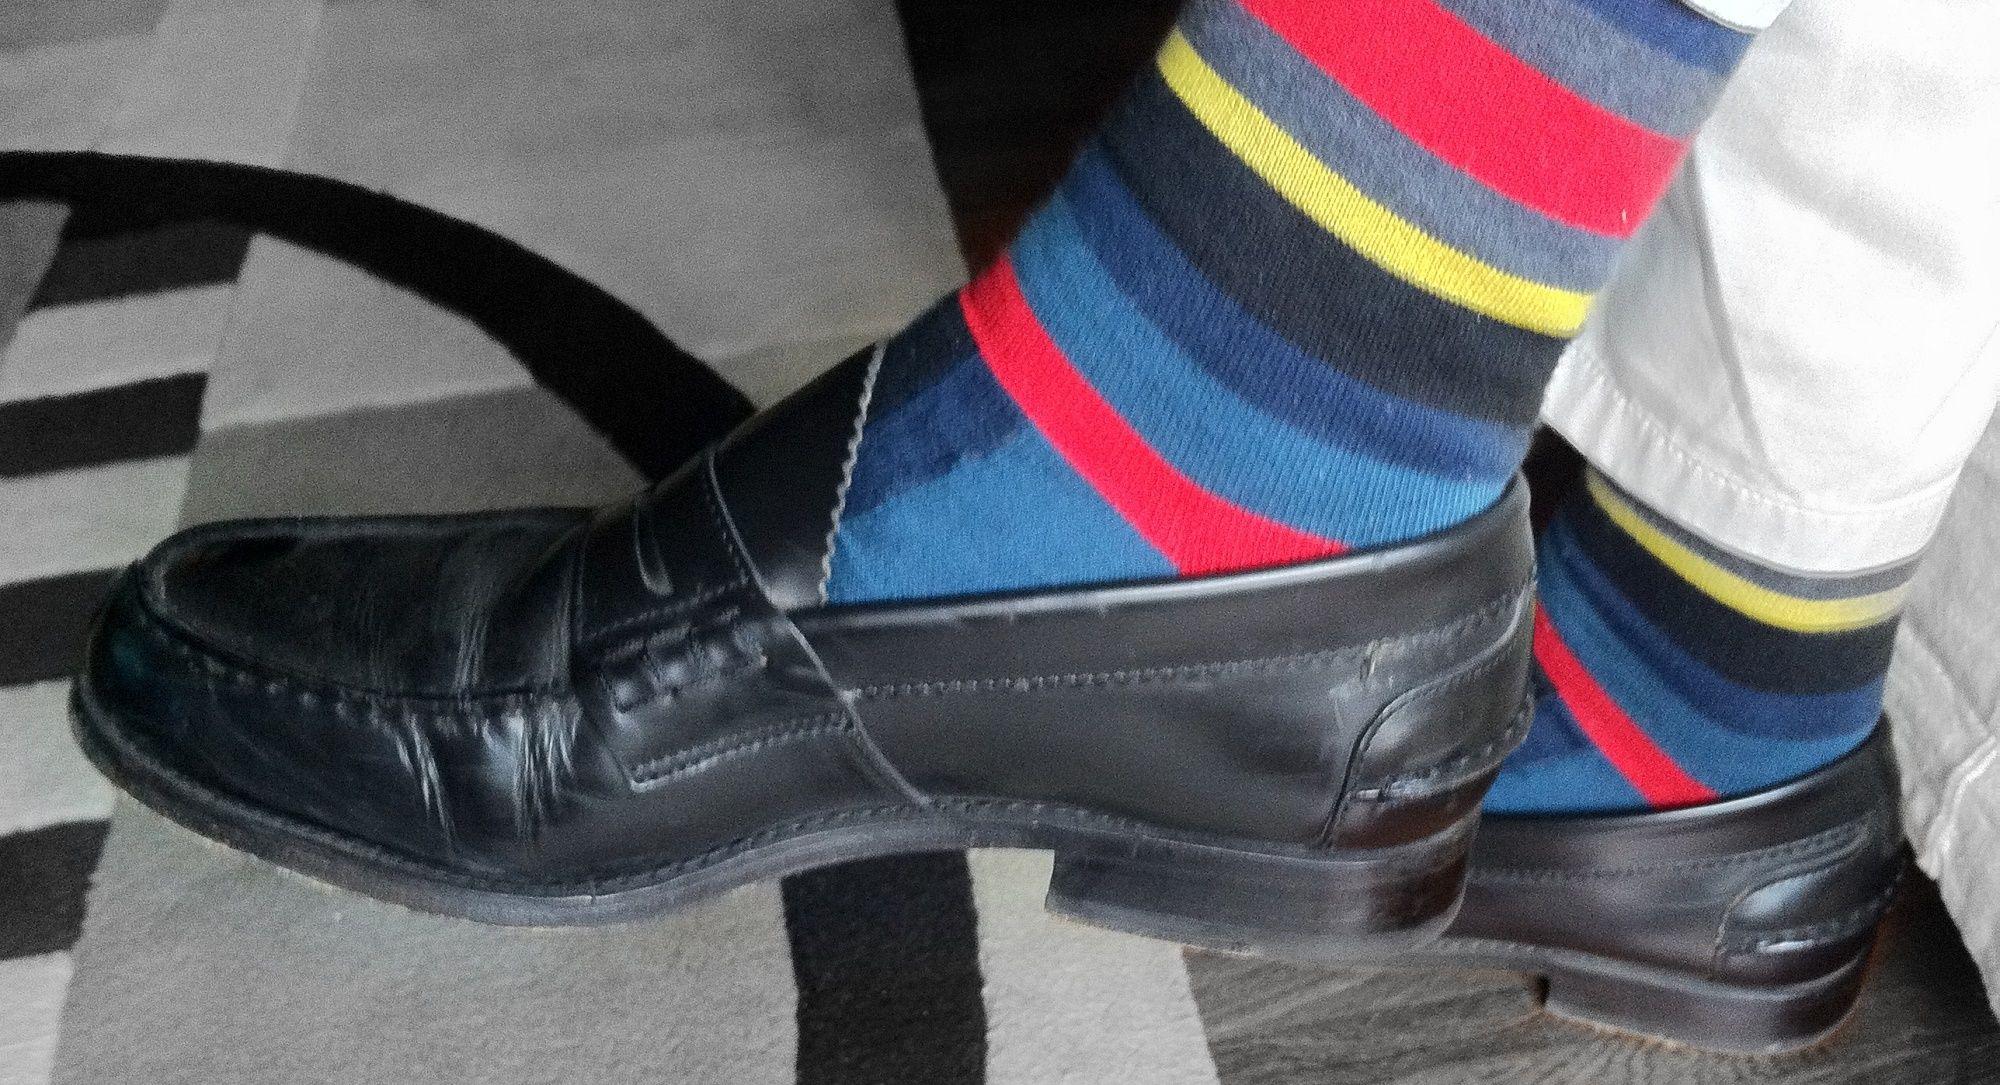 Le calze a vista sono glamour o kitsch?